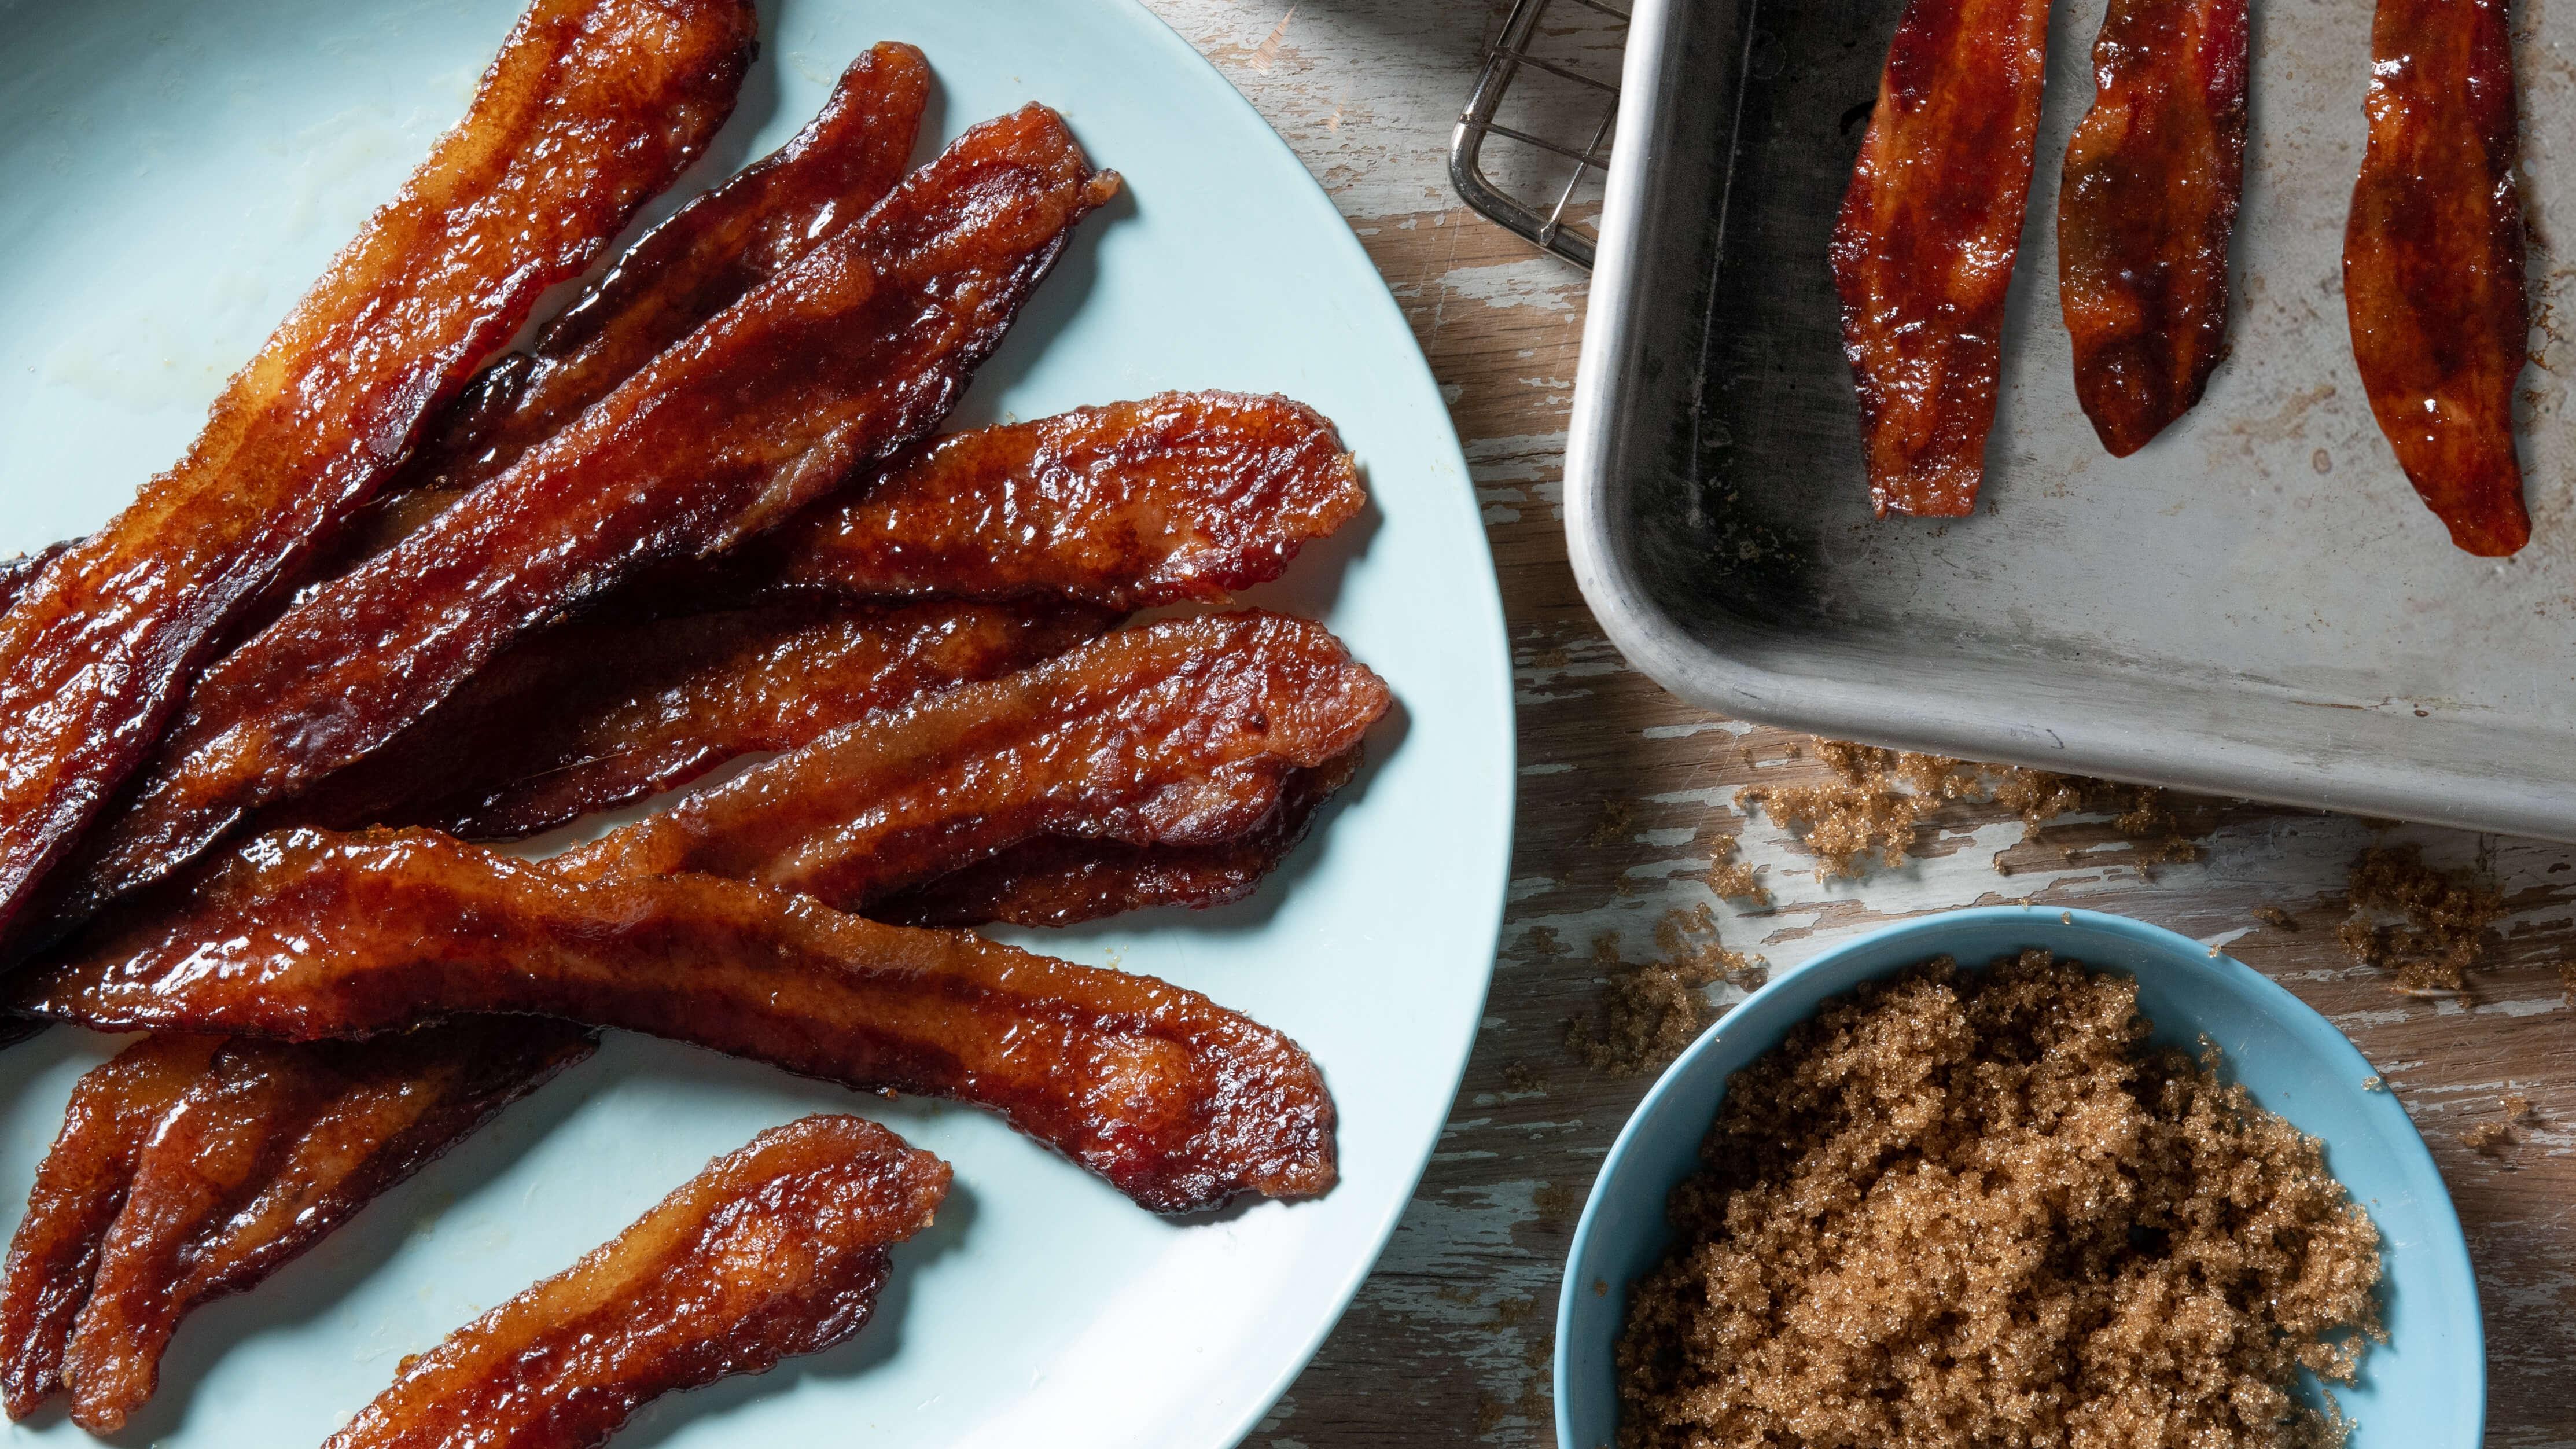 Billionaire's Spiced Bacon